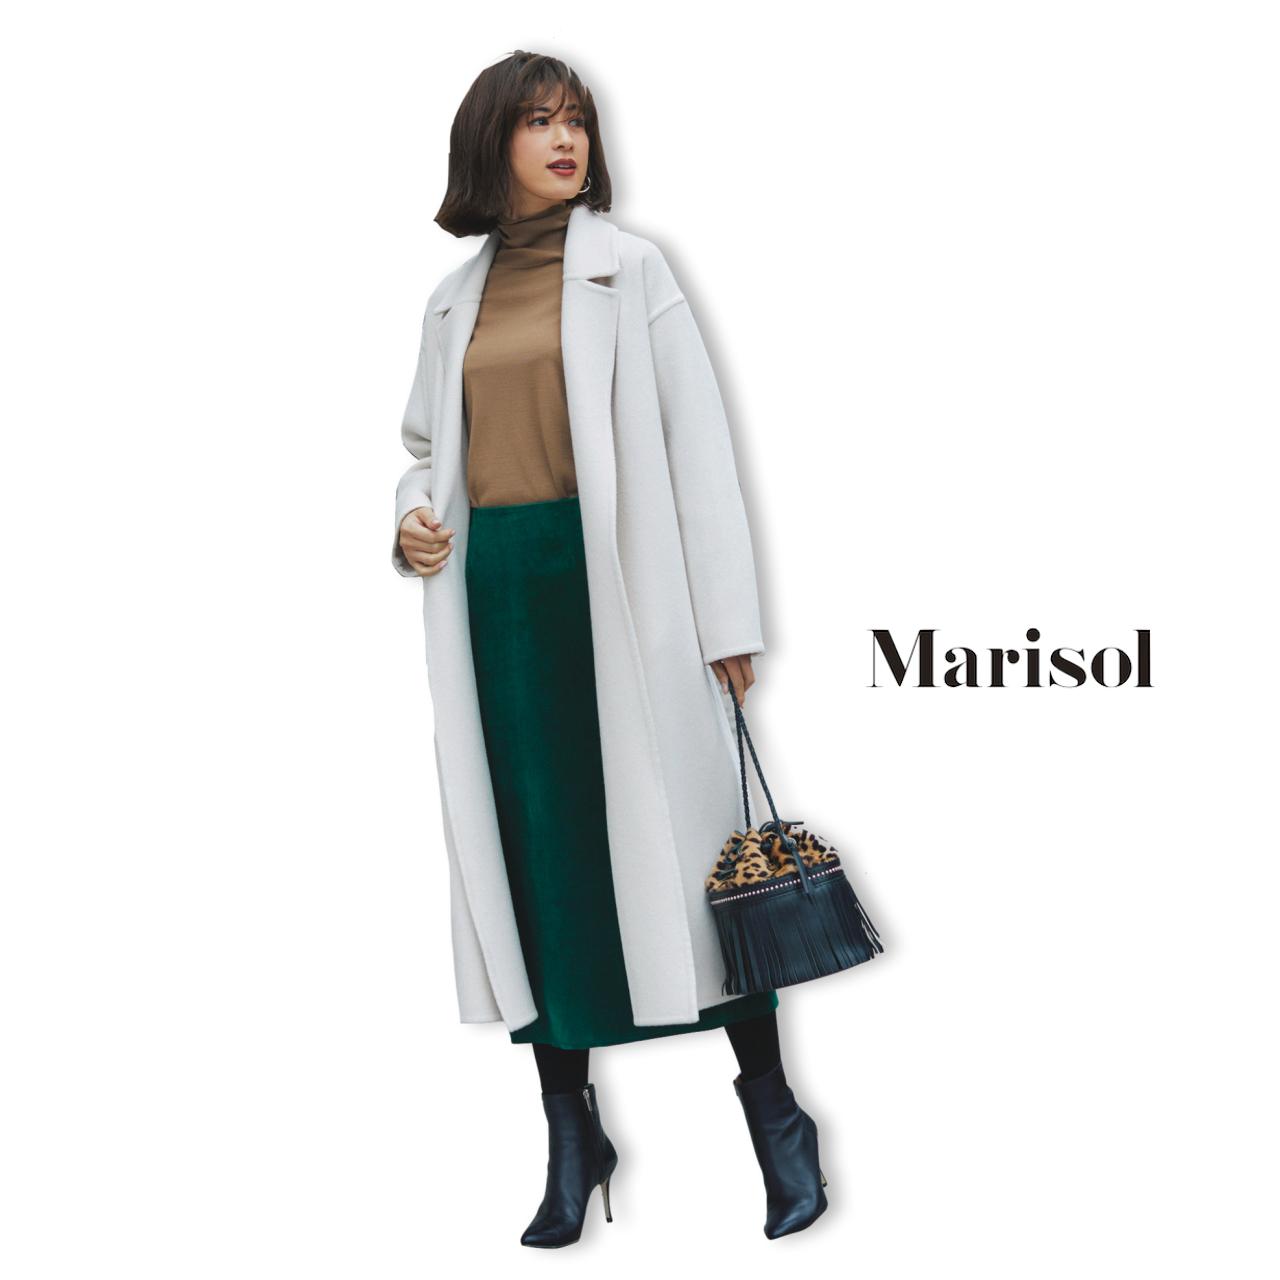 40代ファッション ホワイトロングコート×タートルネックニット×タイトスカートコーデ